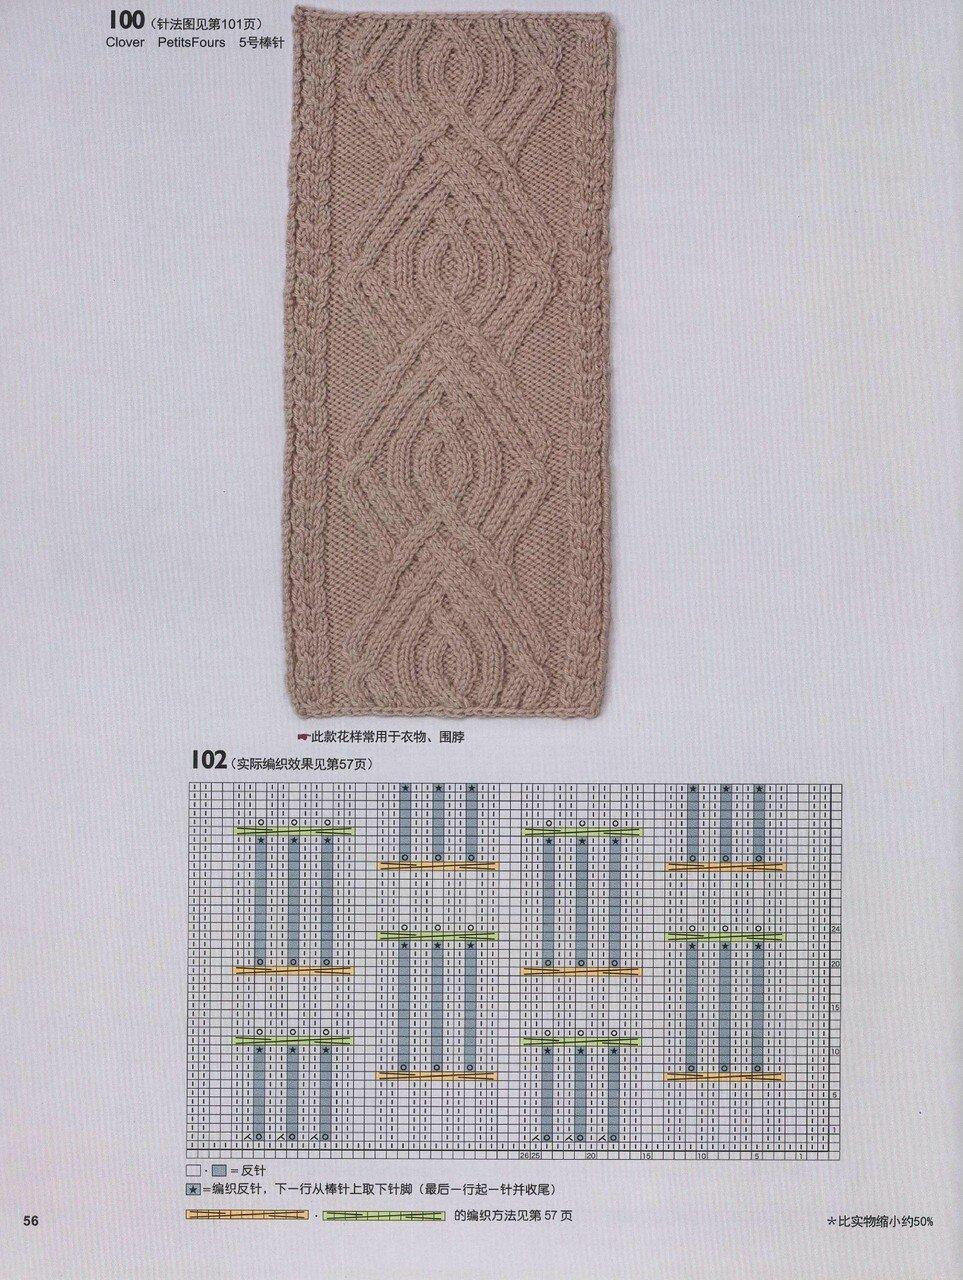 150 Knitting_58.jpg